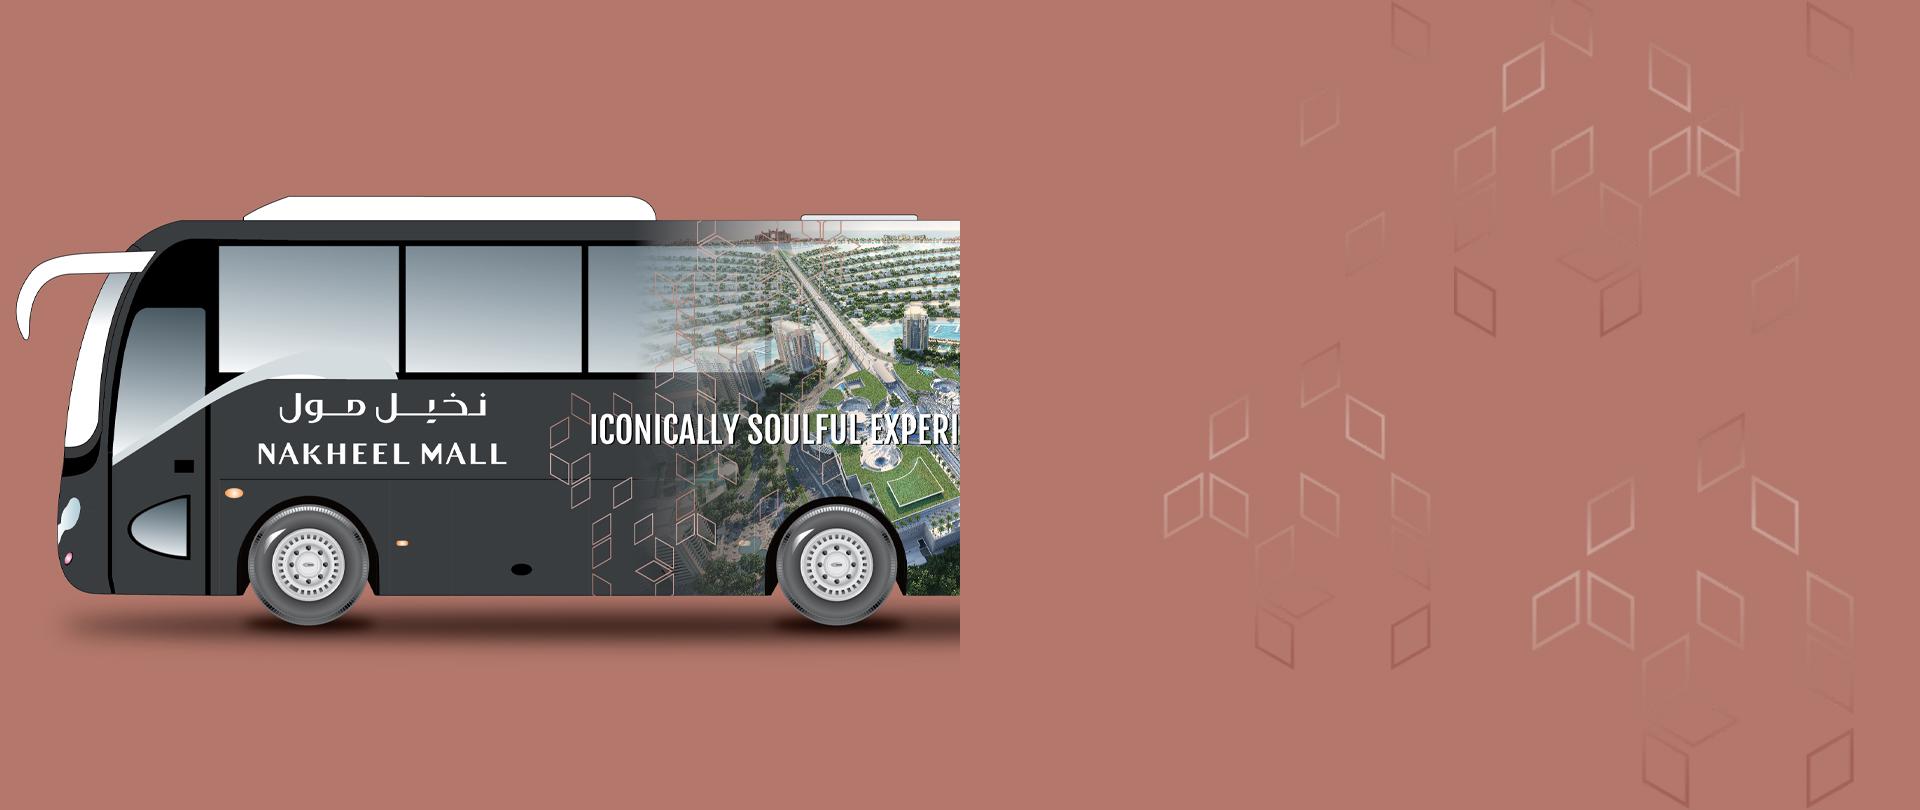 Nakheel-Mall-Complimentary-Shuttle-Service